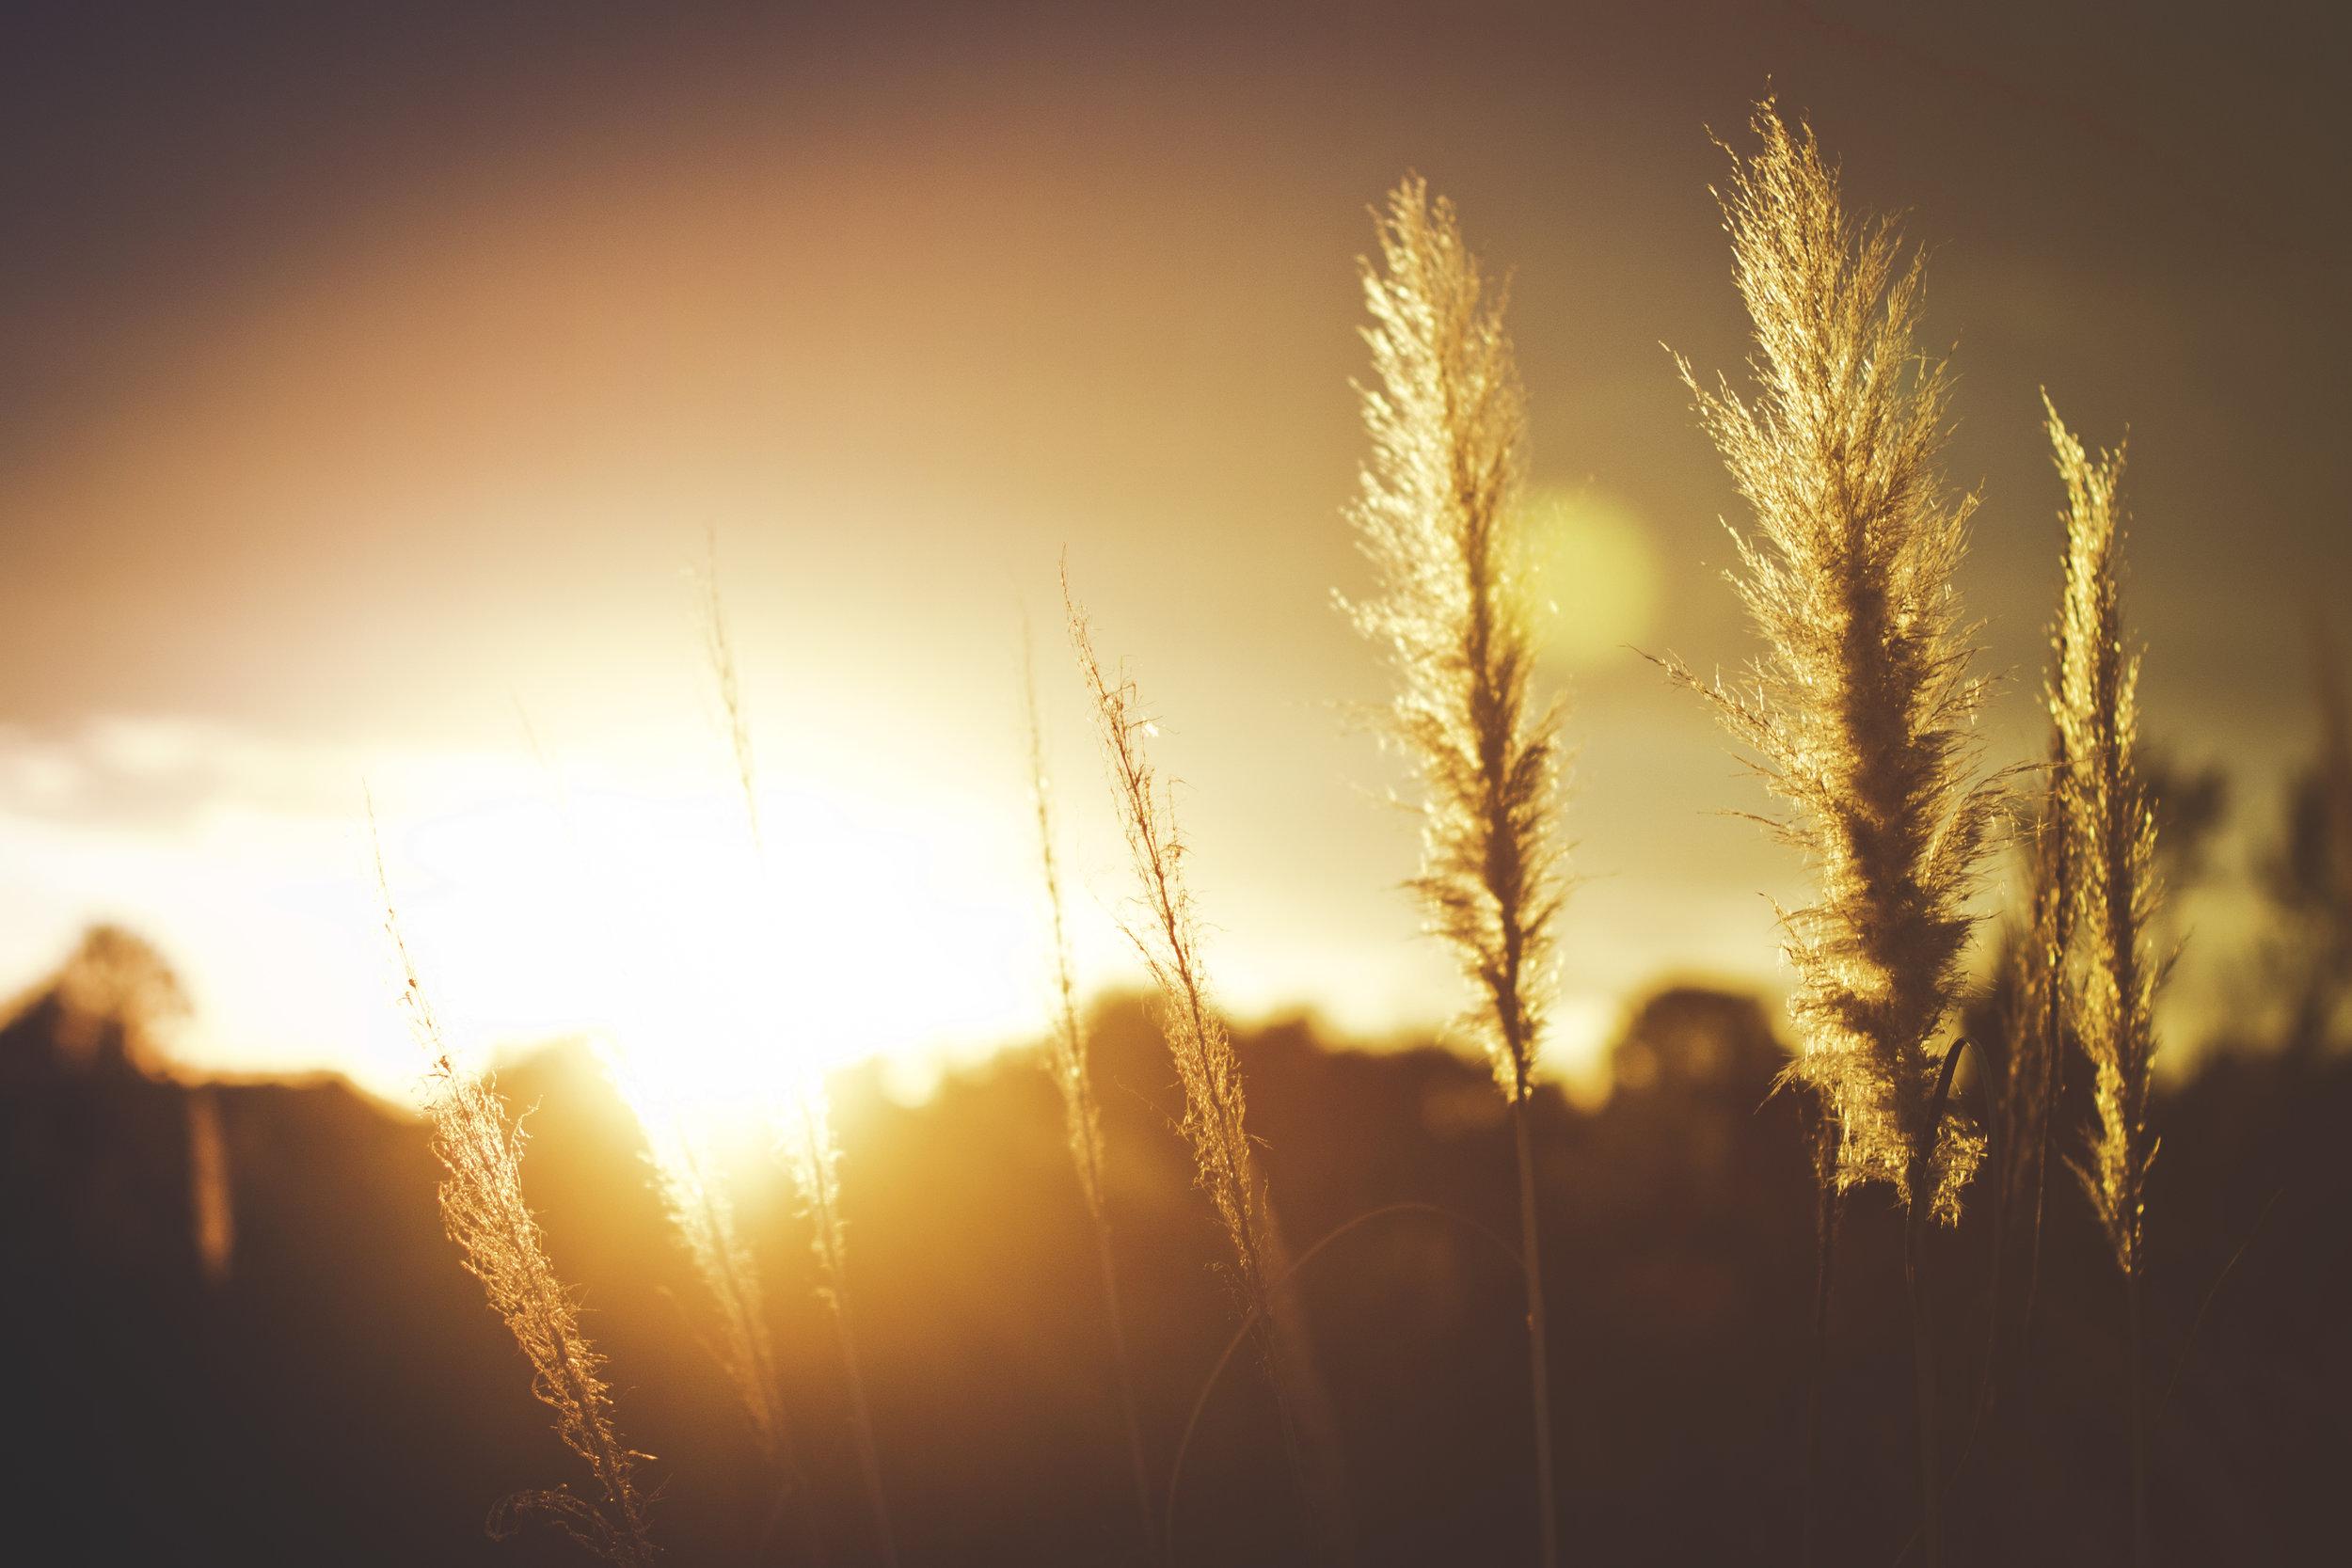 また、私の神は、キリスト・イエスの栄光のうちにあるご自分の豊かさにしたがって、あなたがたの必要をすべて満たしてくださいます。 -- ピリピ人への手紙 4:19